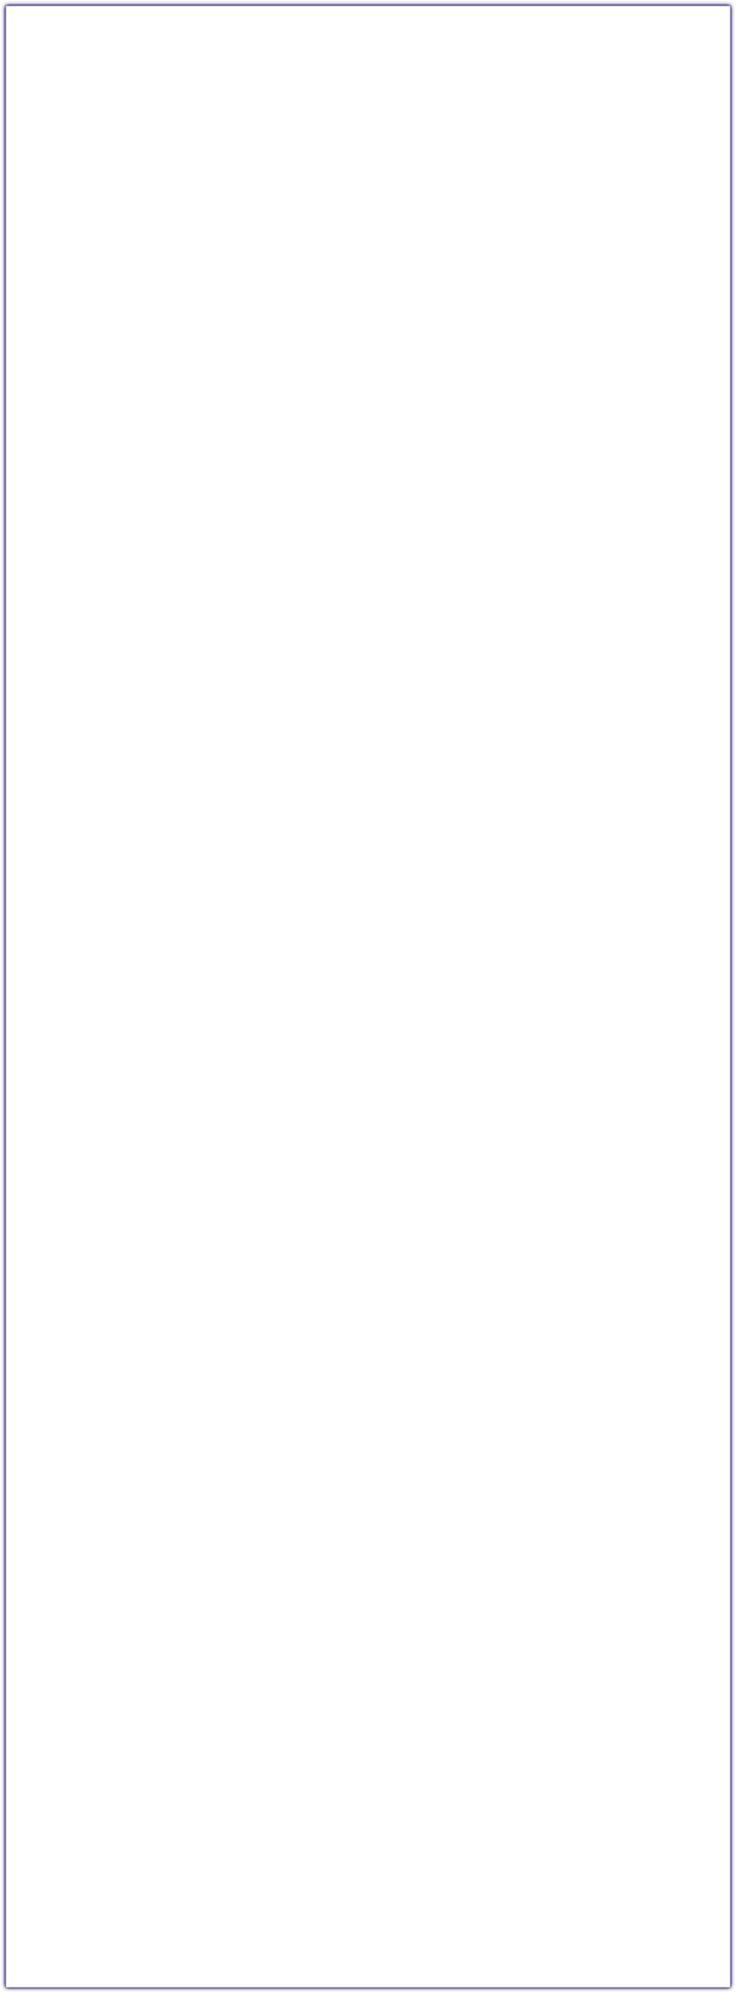 Preposiciones ESL hojas de trabajo imprimibles y Ejercicios